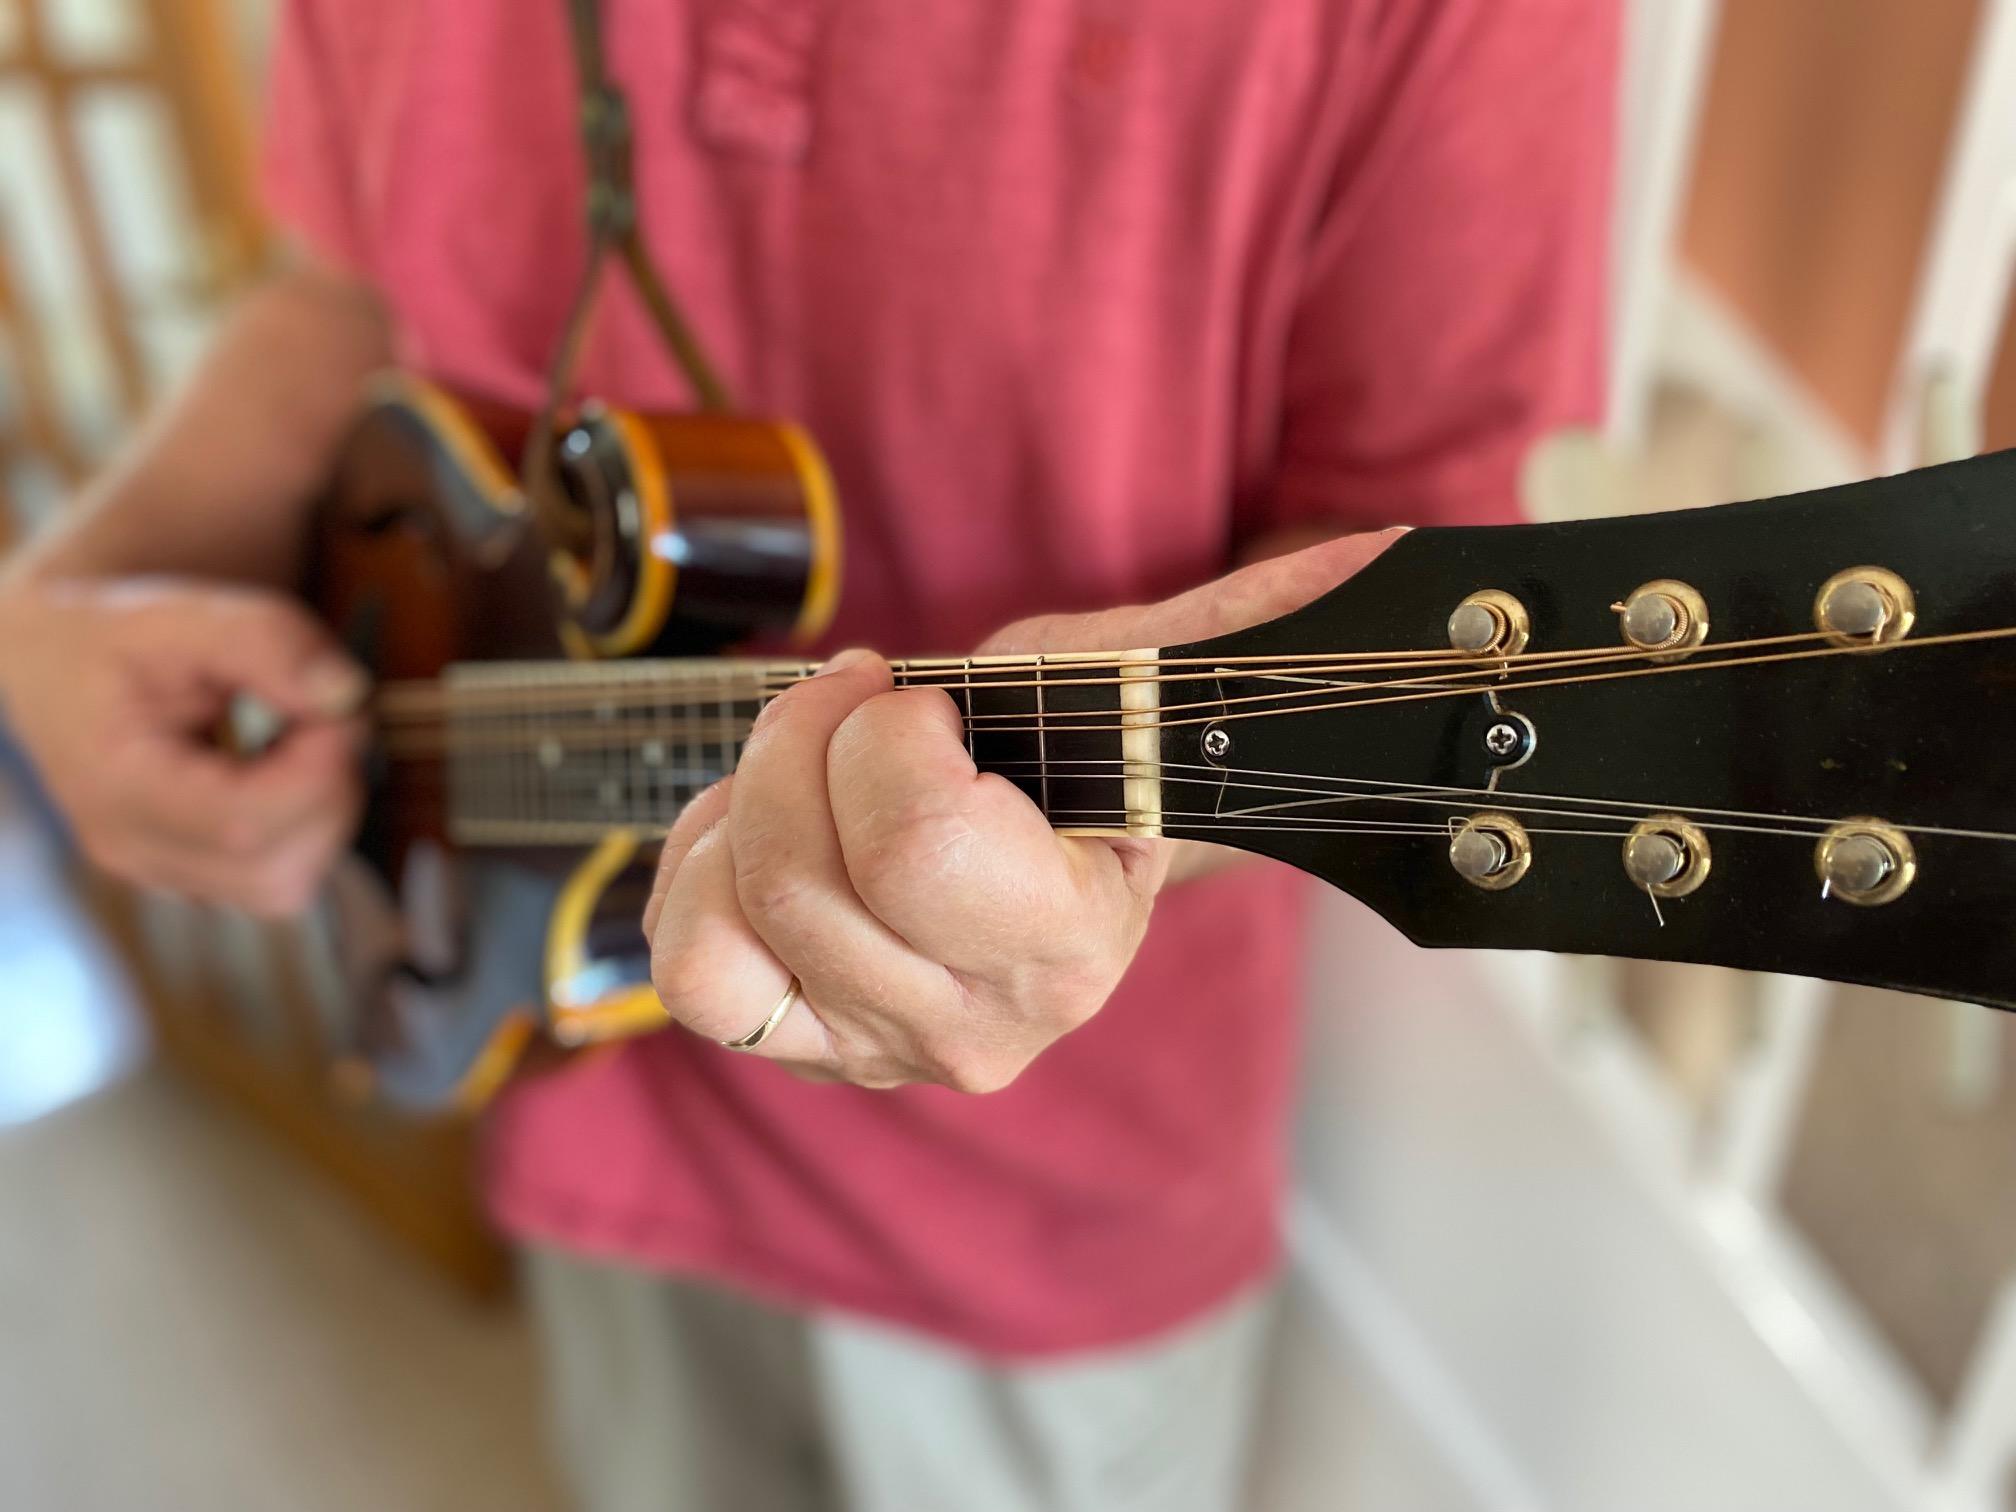 Me playing my Ibanez flat-back mandolin